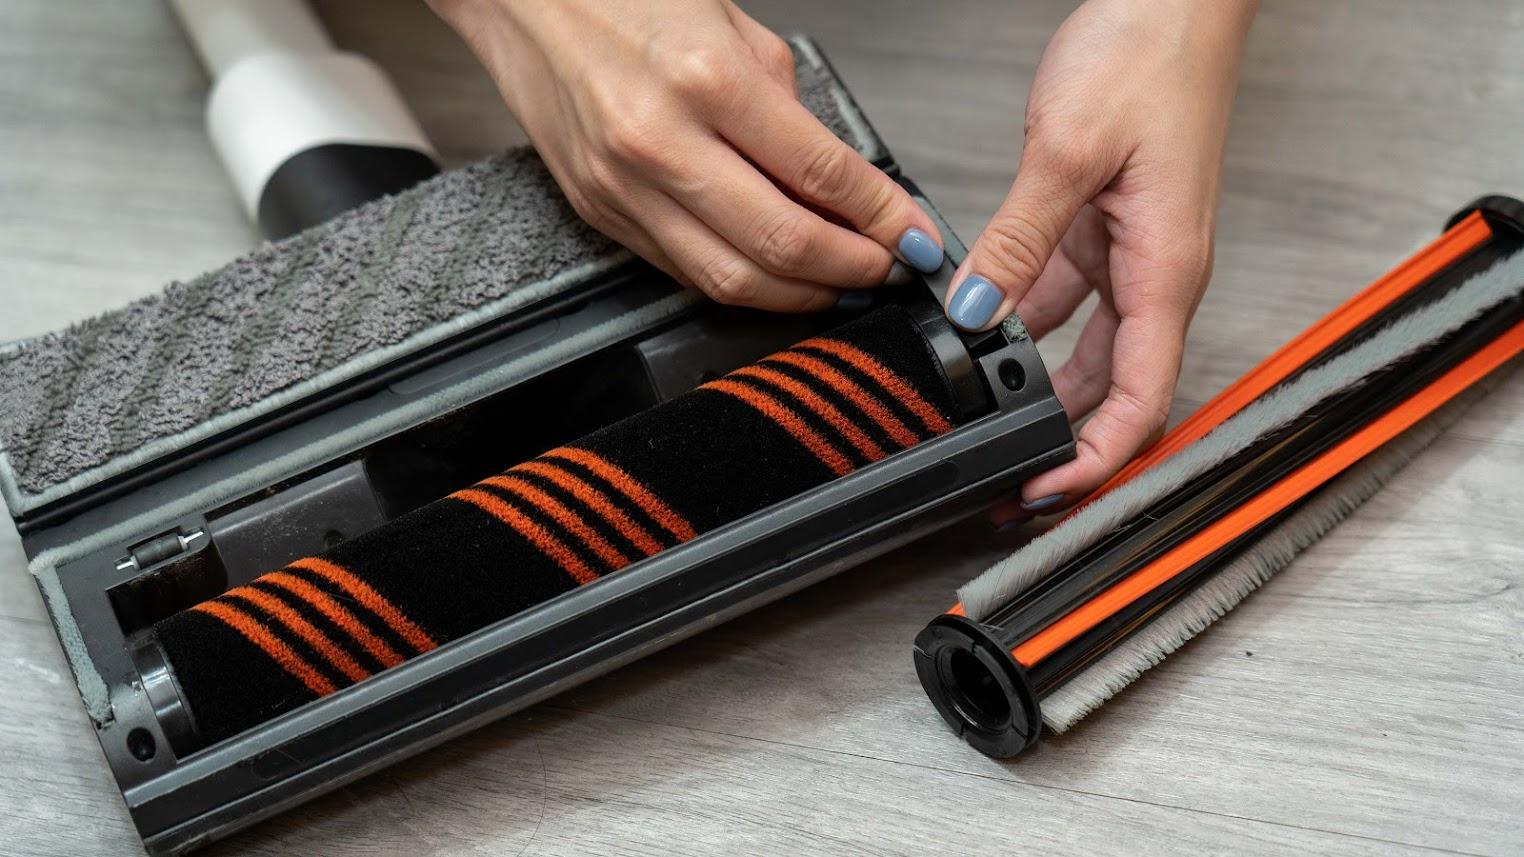 吸拖一體!ROIDMI睿米 X20 無線手持吸塵器,高規格、高 CP 值的吸塵器首選